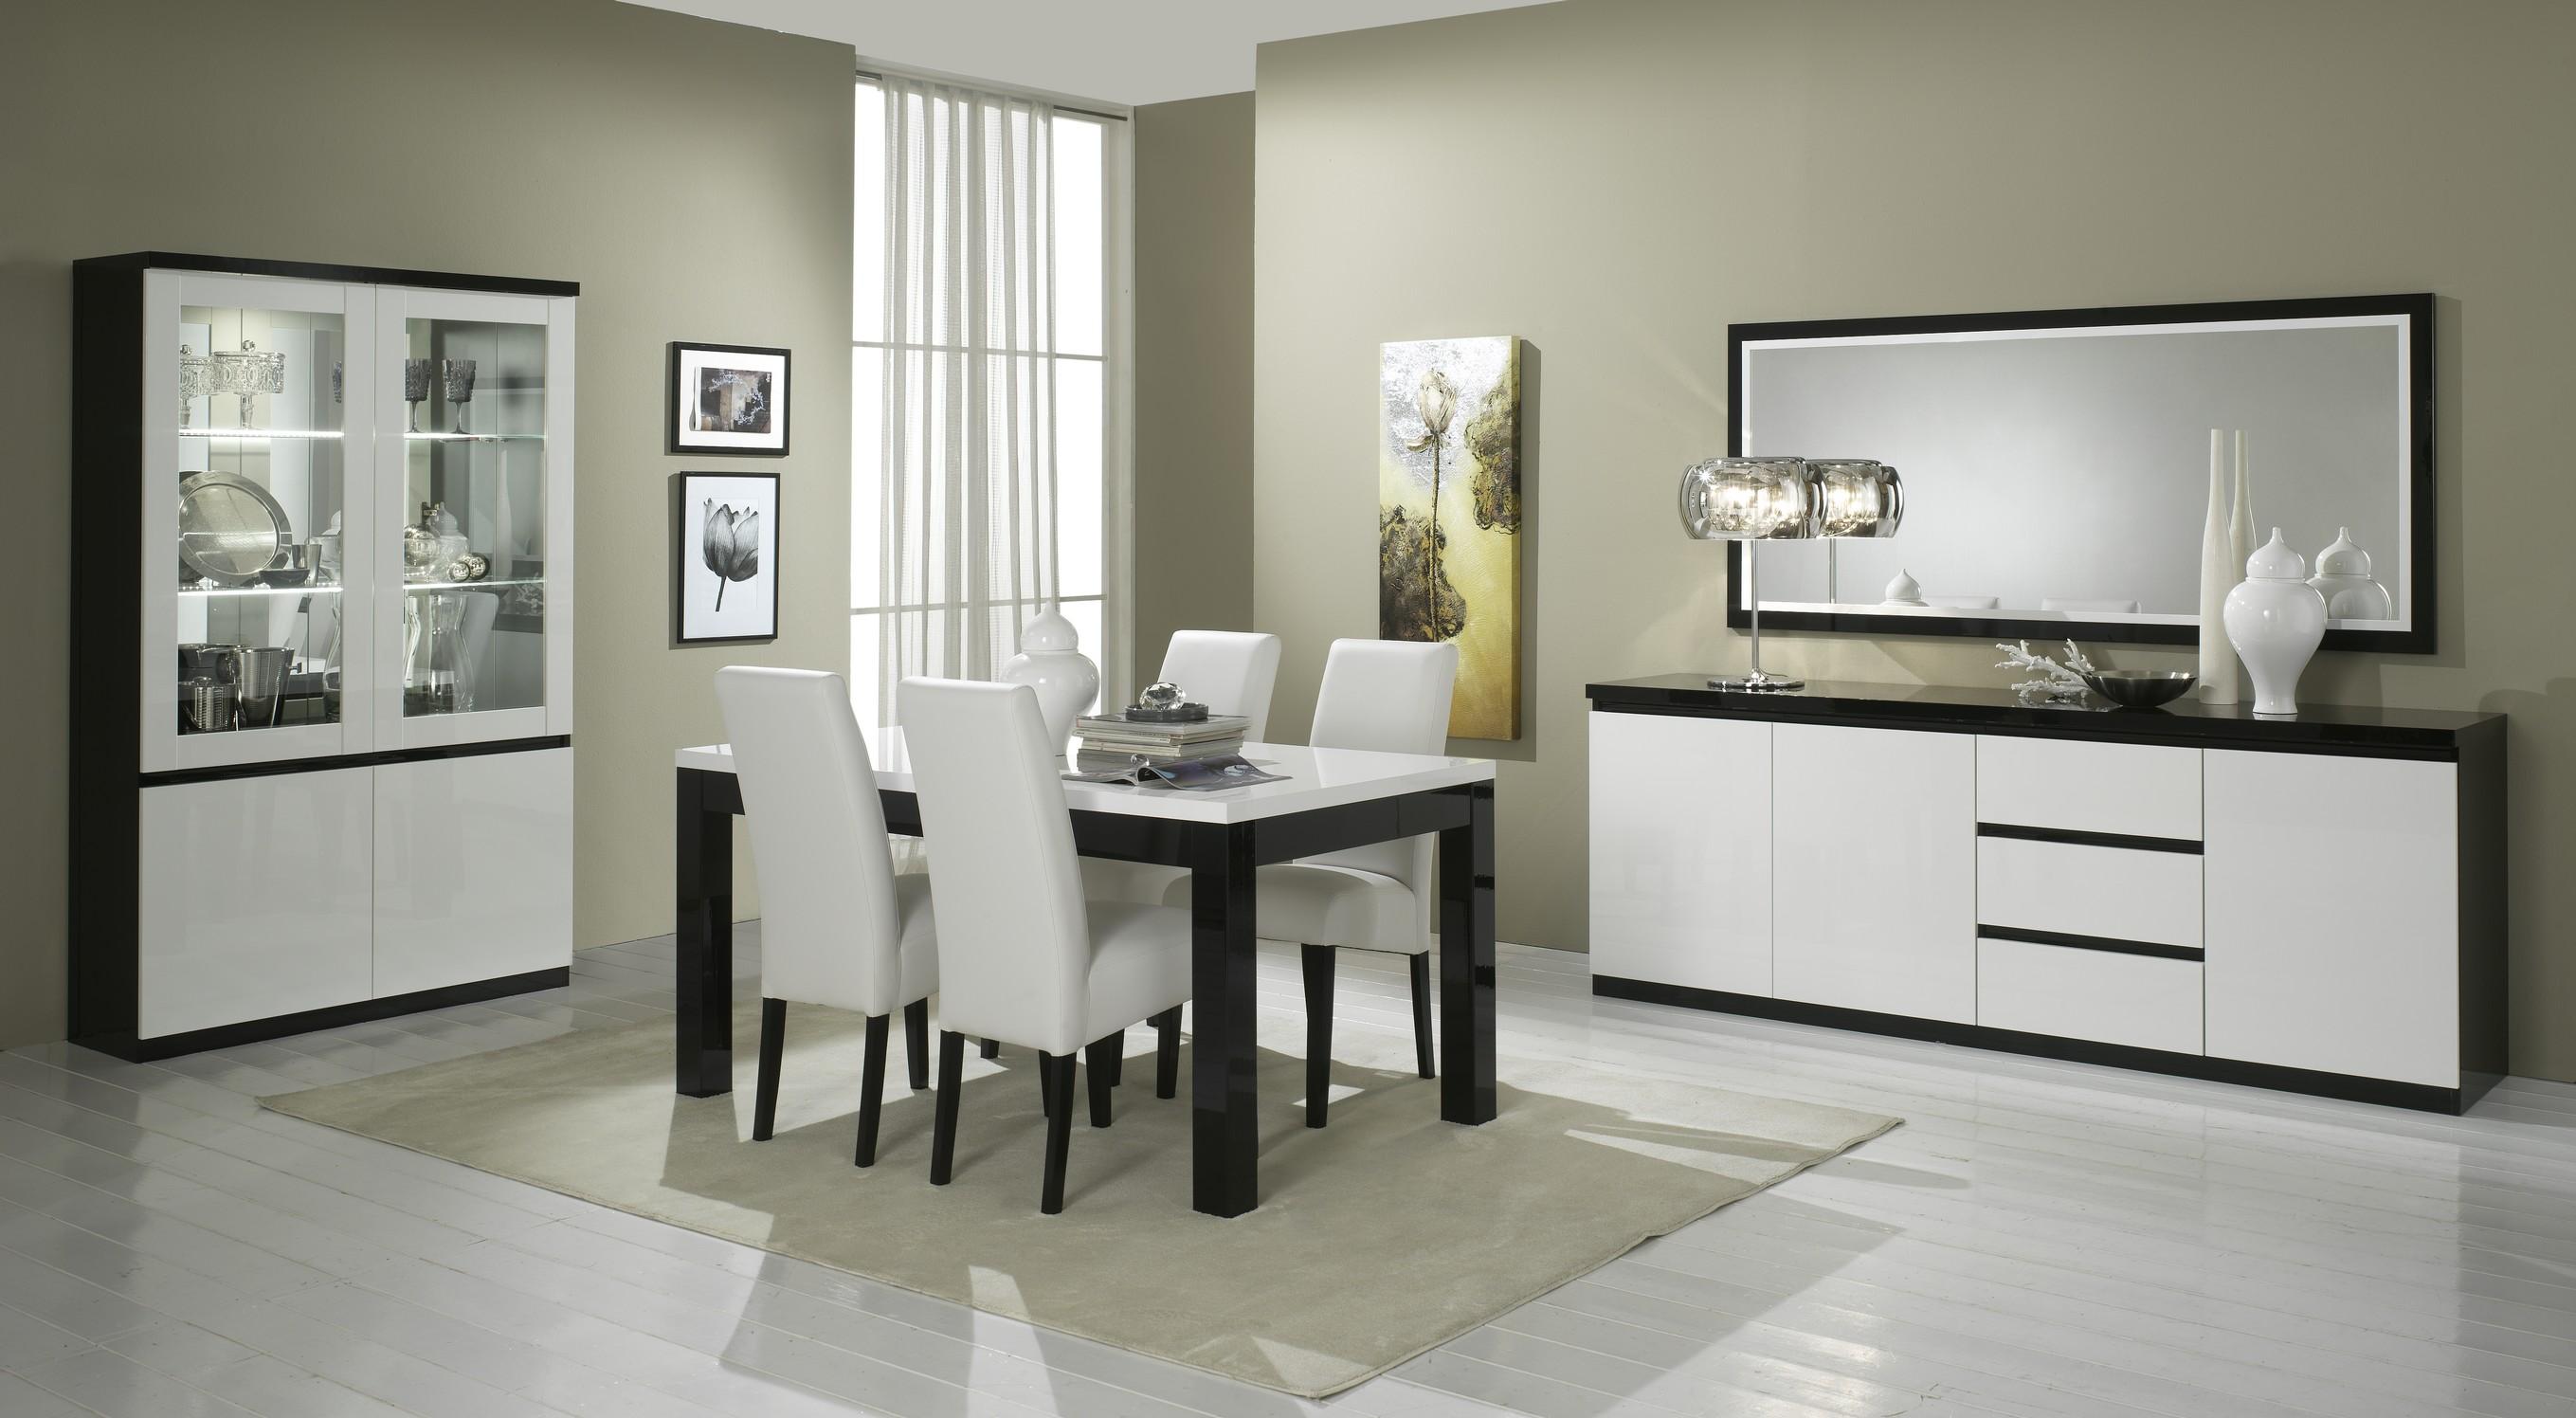 Indogatecom Salle A Manger Complete Blanc Laque But - Table carree blanc laque avec rallonge pour idees de deco de cuisine